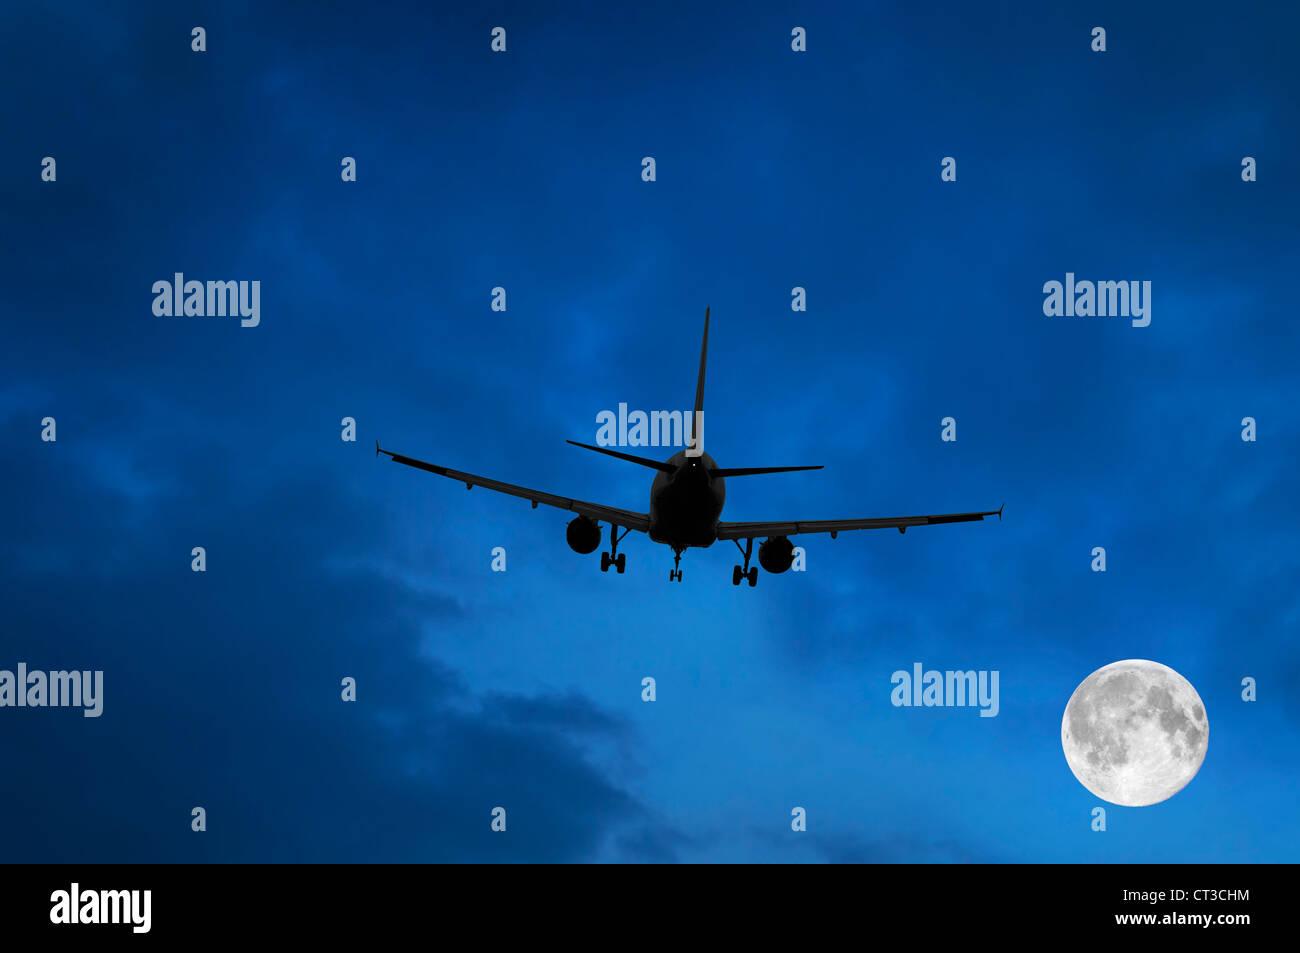 Flugzeug und Mond im blauen Himmel Stockbild